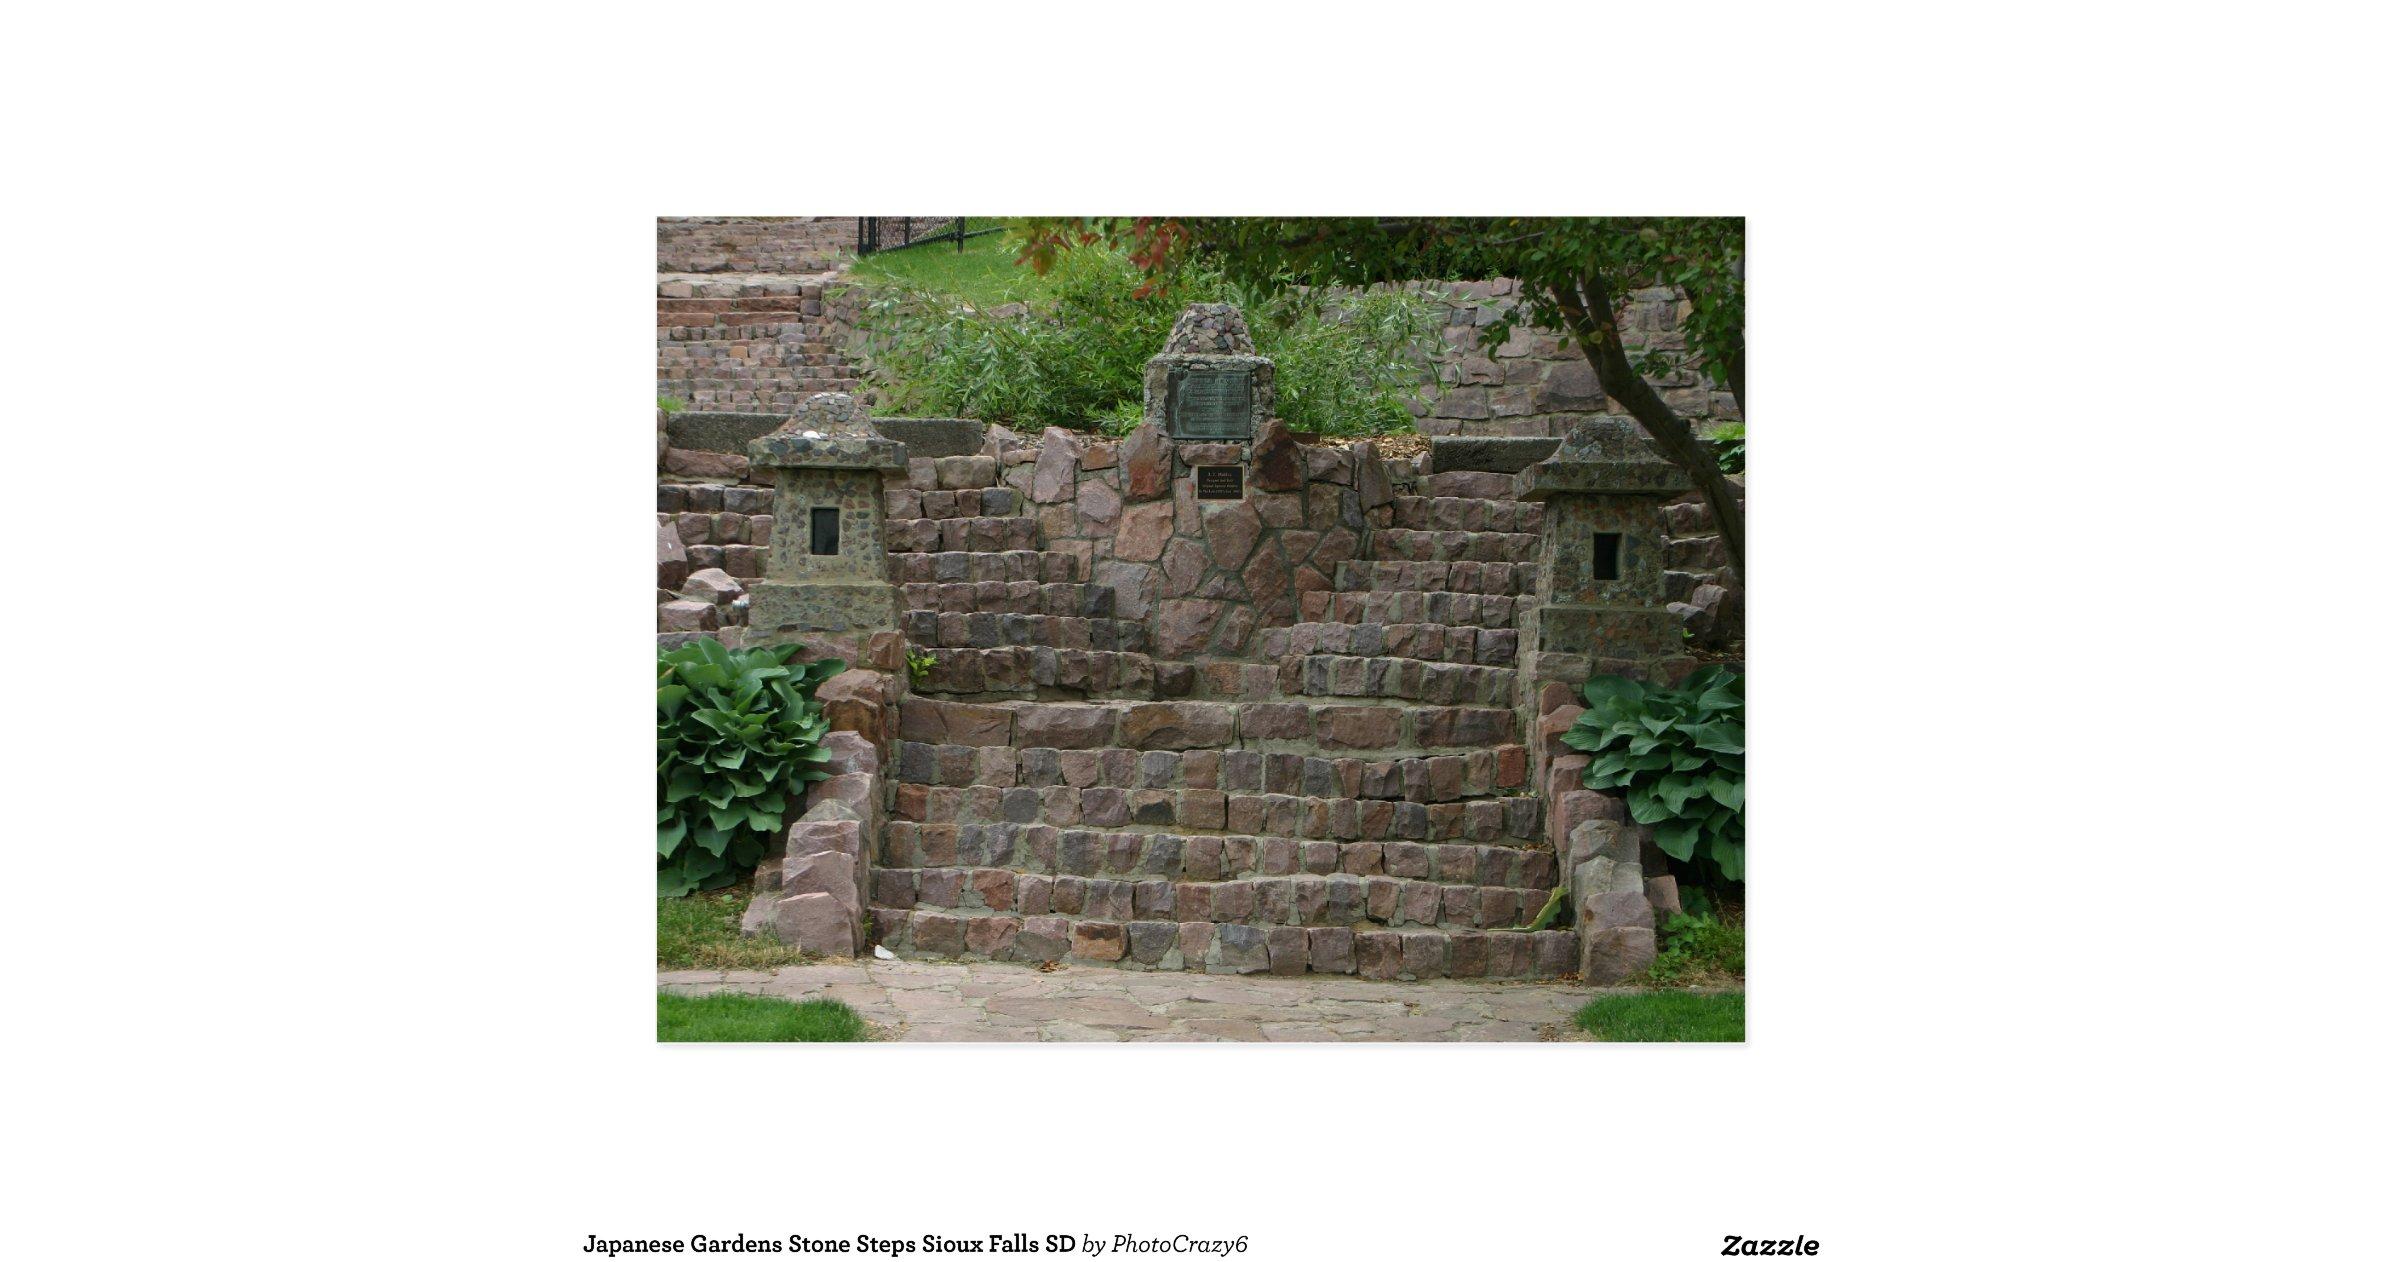 Japanese Gardens Stone Steps Sioux Falls Sd Postcard R027677b8f40b4e2297f96580ffc3bd8e Vgbaq